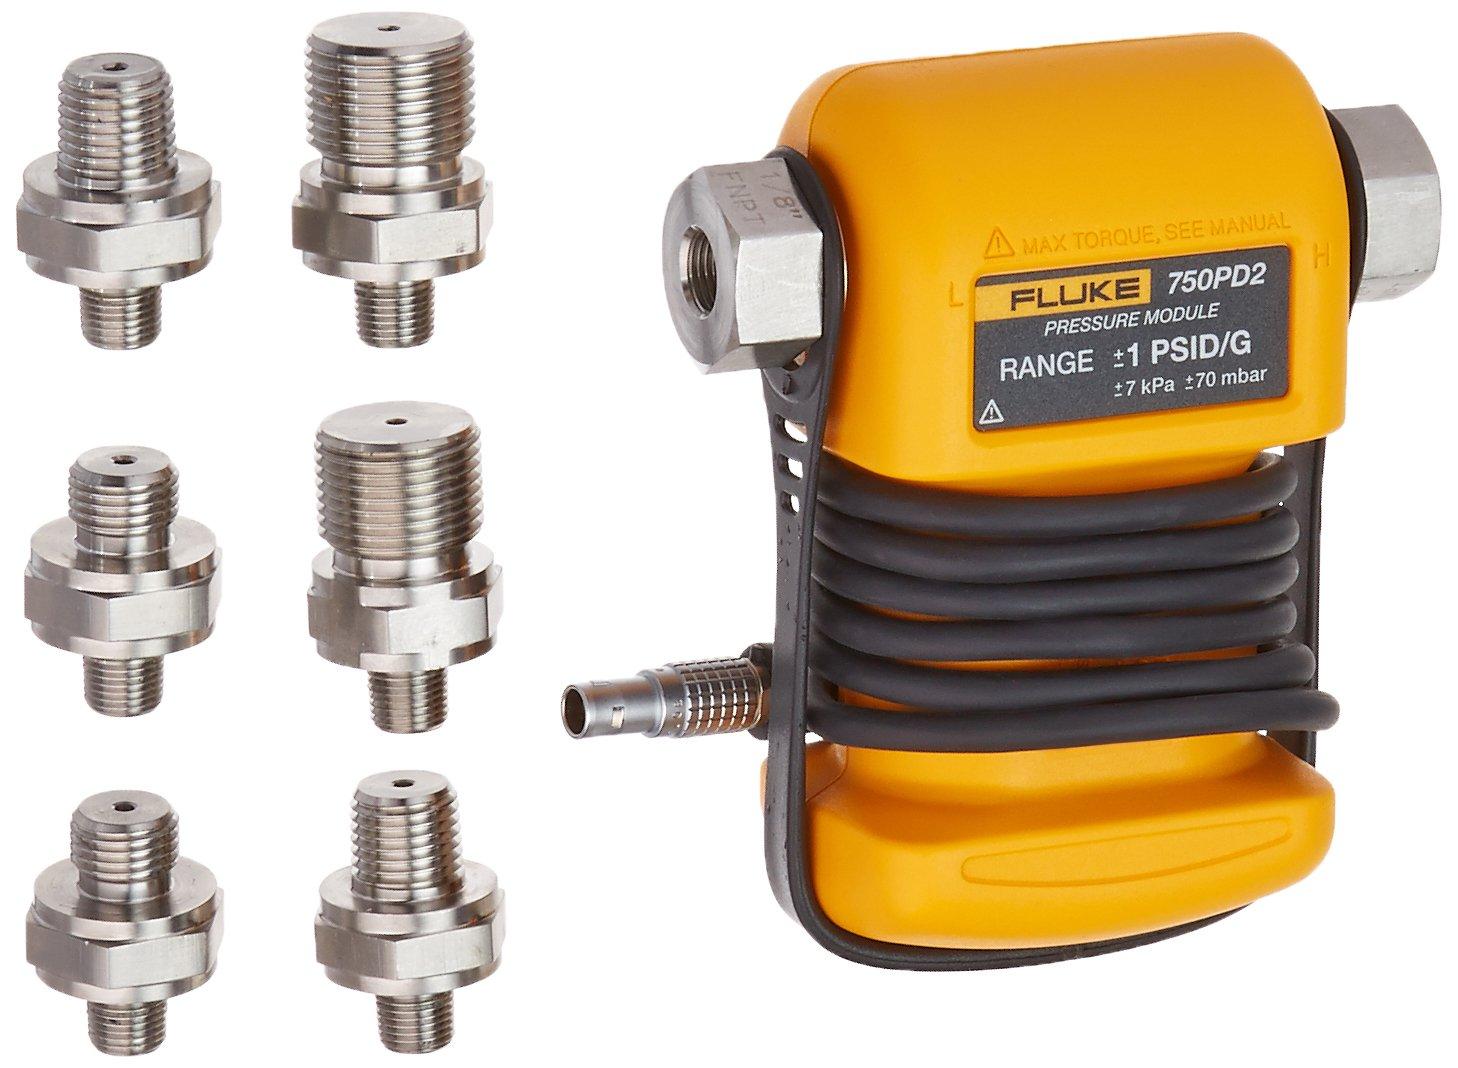 FLUKE 750PD2 Differential Pressure Module 1 to 1 psi compound range